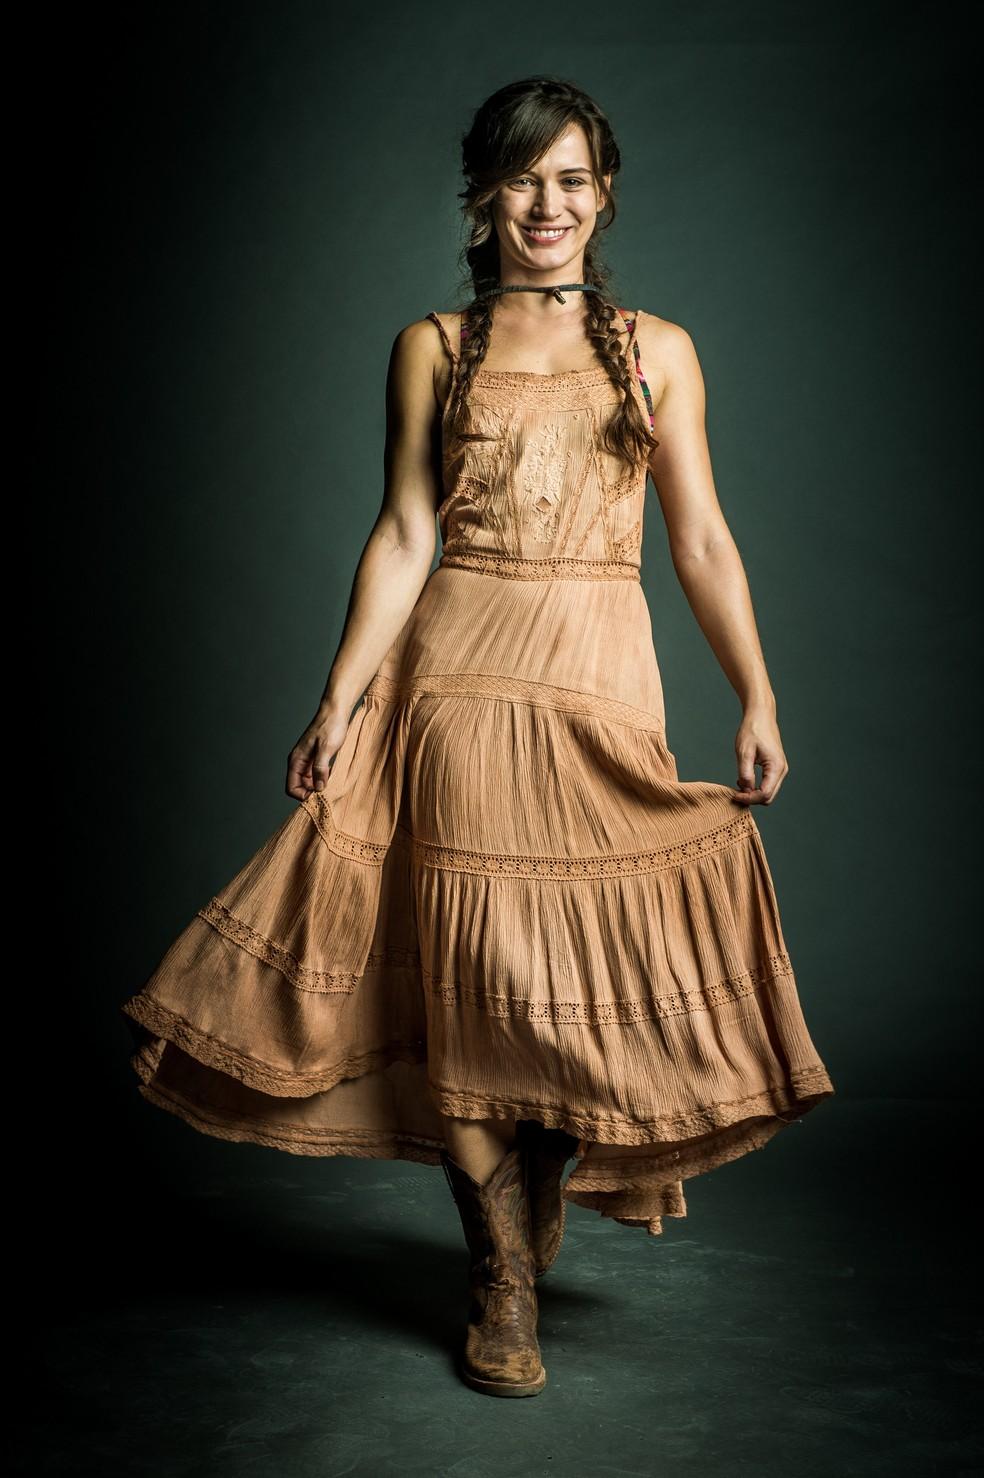 Bianca Bin  Clara personagem nascida e criada no Jalapo Estamos envelhecendo as roupas com a terra alaranjada de l bem caracterstica desta regio e que tem uma aderncia muito grande em tecidos e na prpria pele Foto TV GLOBORaquel Cunha